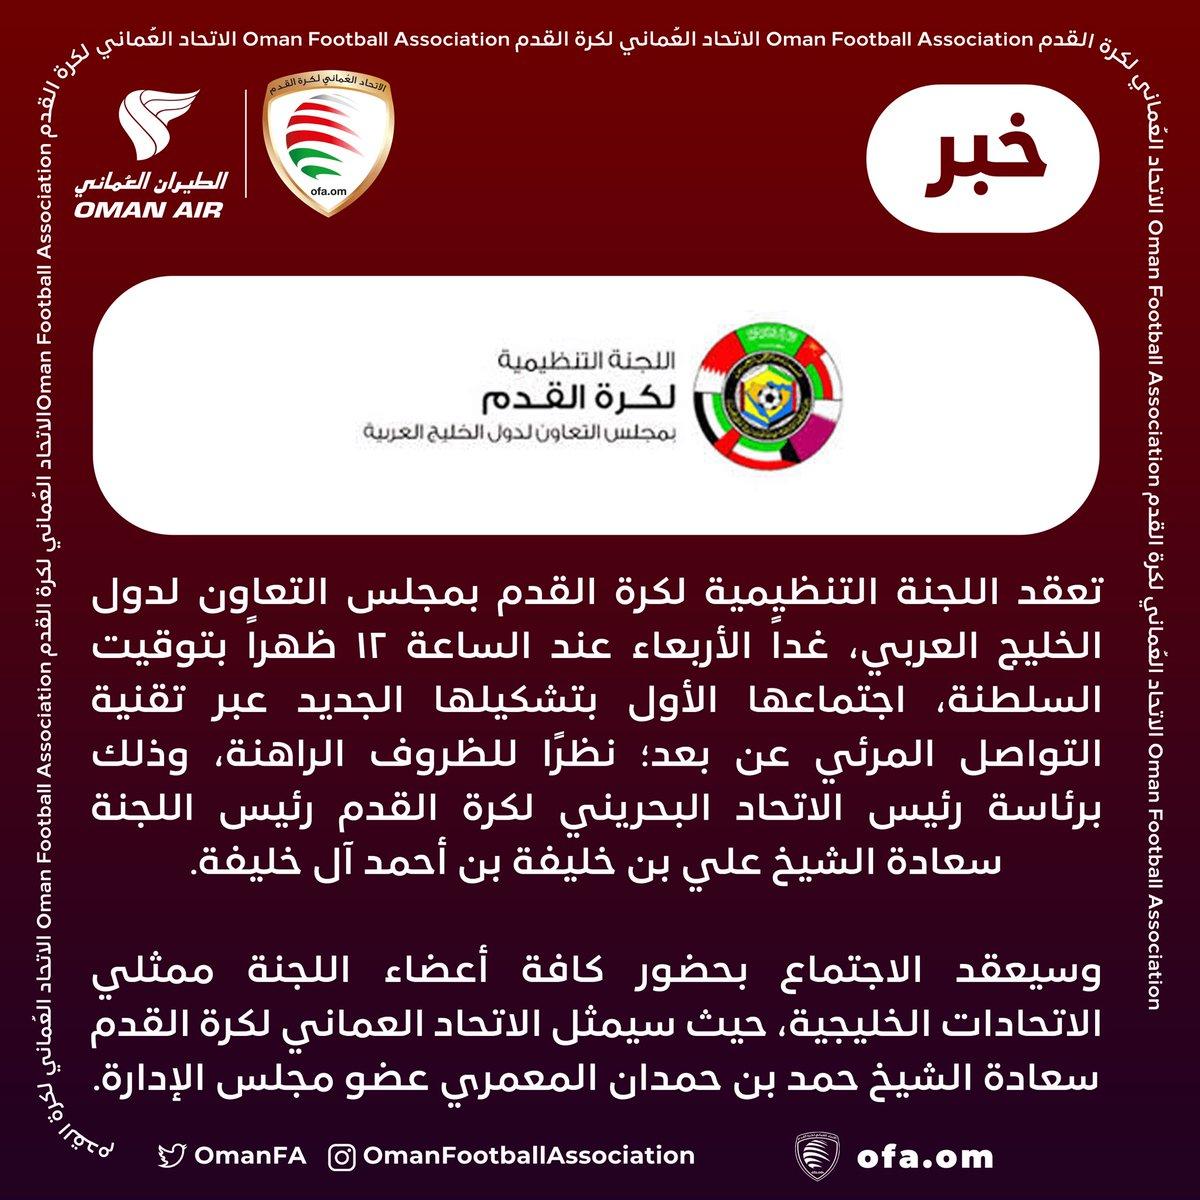 - تعقد اللجنة التنظيمية لكرة القدم بمجلس التعاون لدول الخليج العربي اجتماعها الأول بتشكيلها الجديد عبر تقنية التواصل المرئي.. غداً